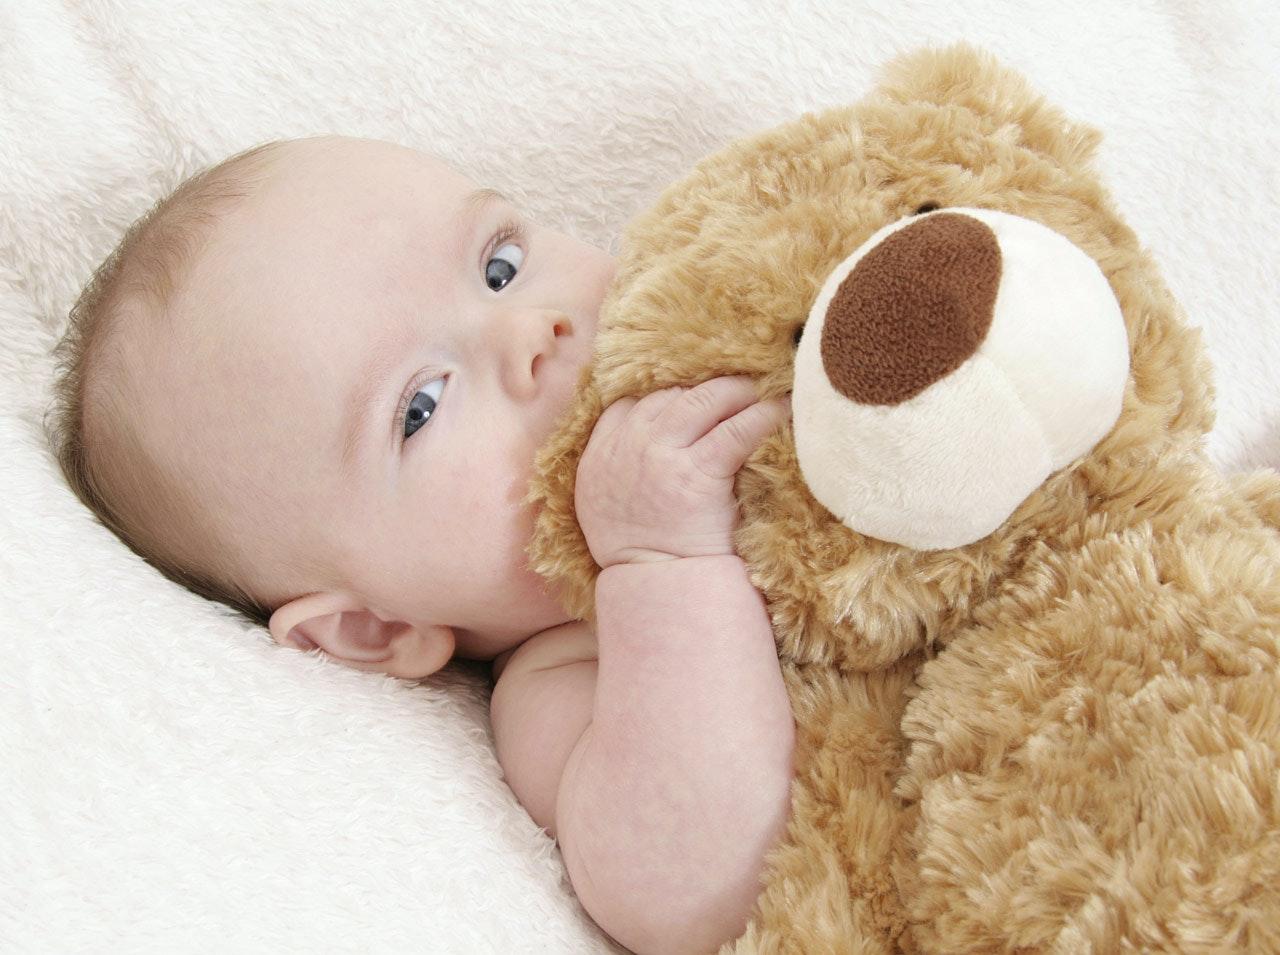 Doudou de b b comment bien le choisir - Comment choisir le matelas de bebe ...